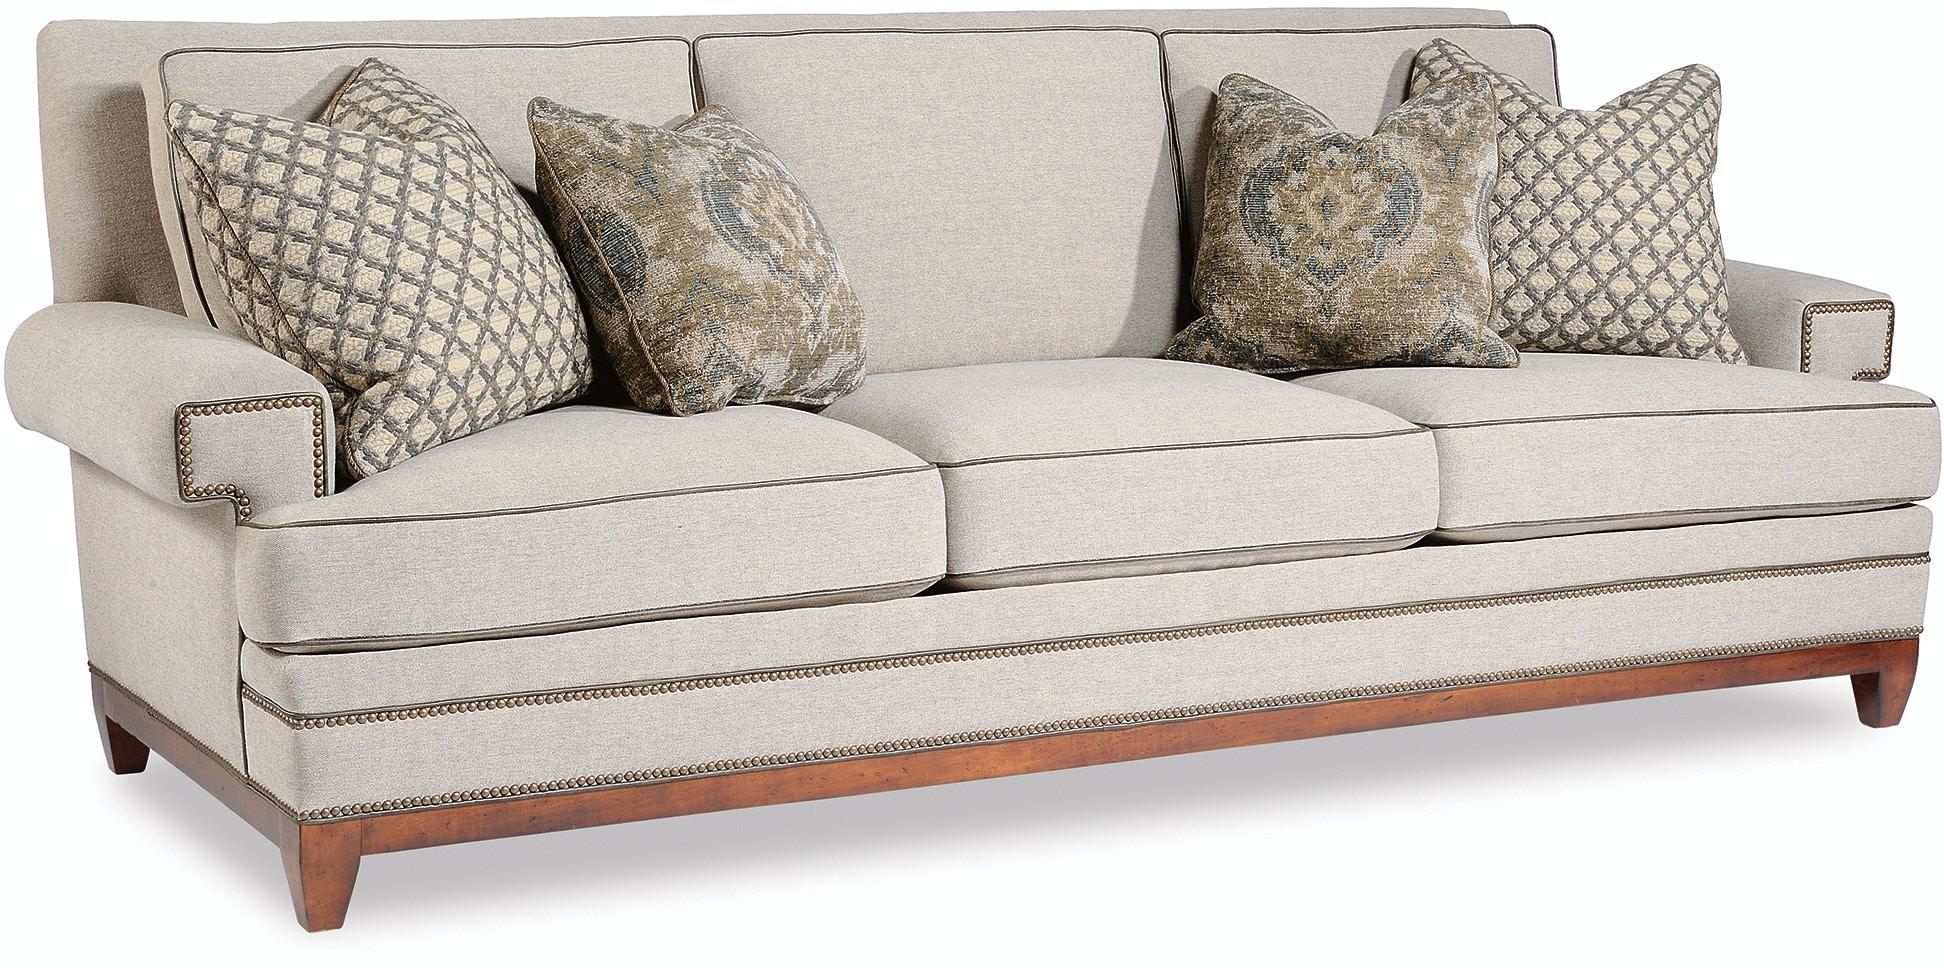 Taylor King Furniture Living Room Sommet Sofa 10013 03